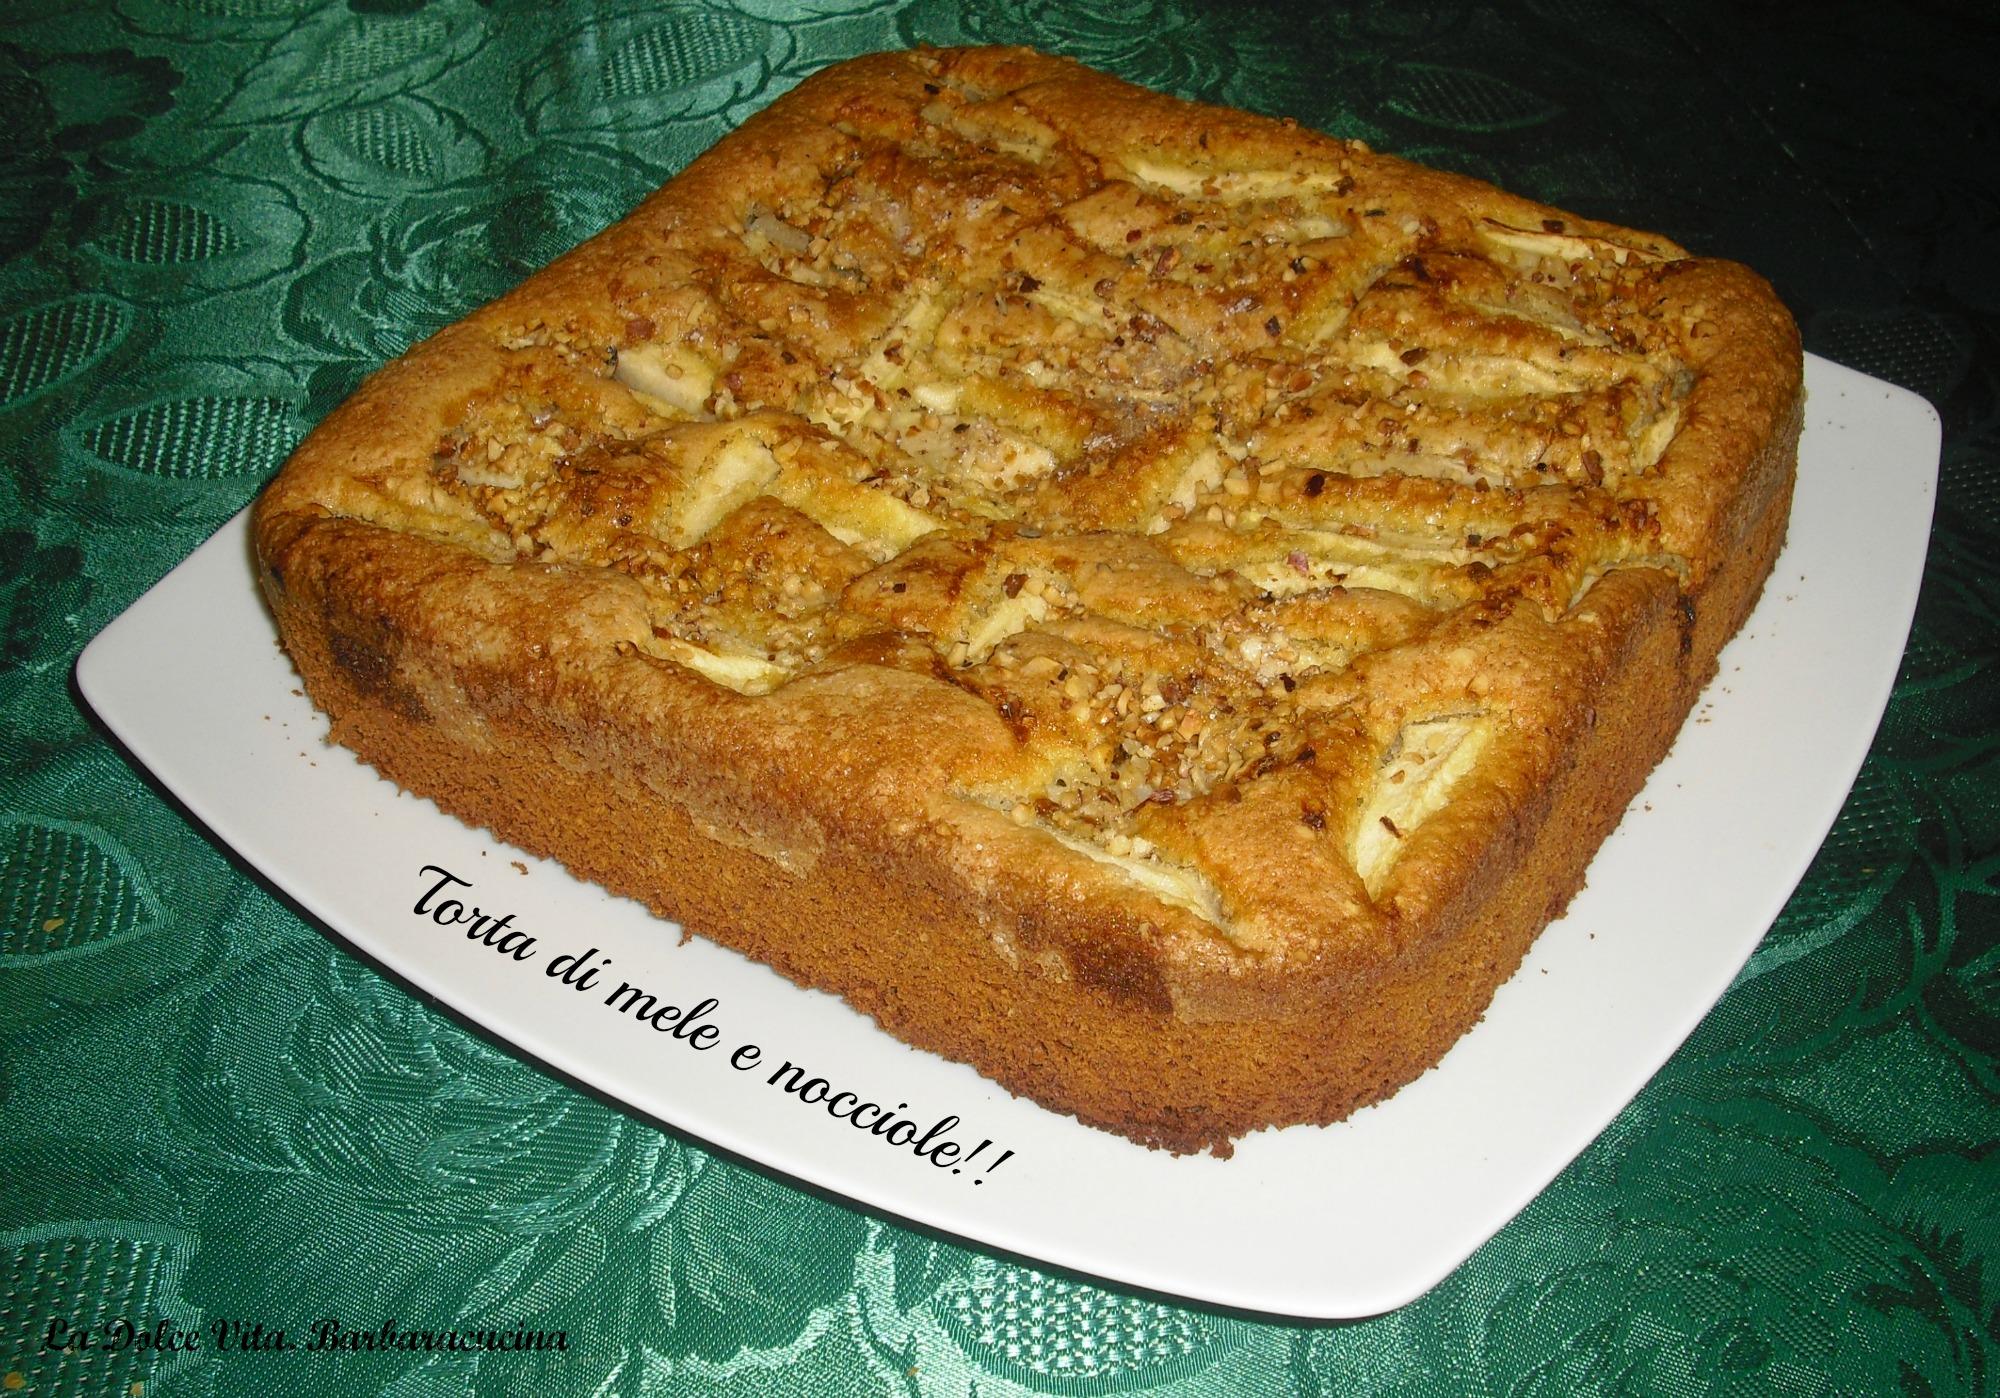 torta di mele e nocciole 2